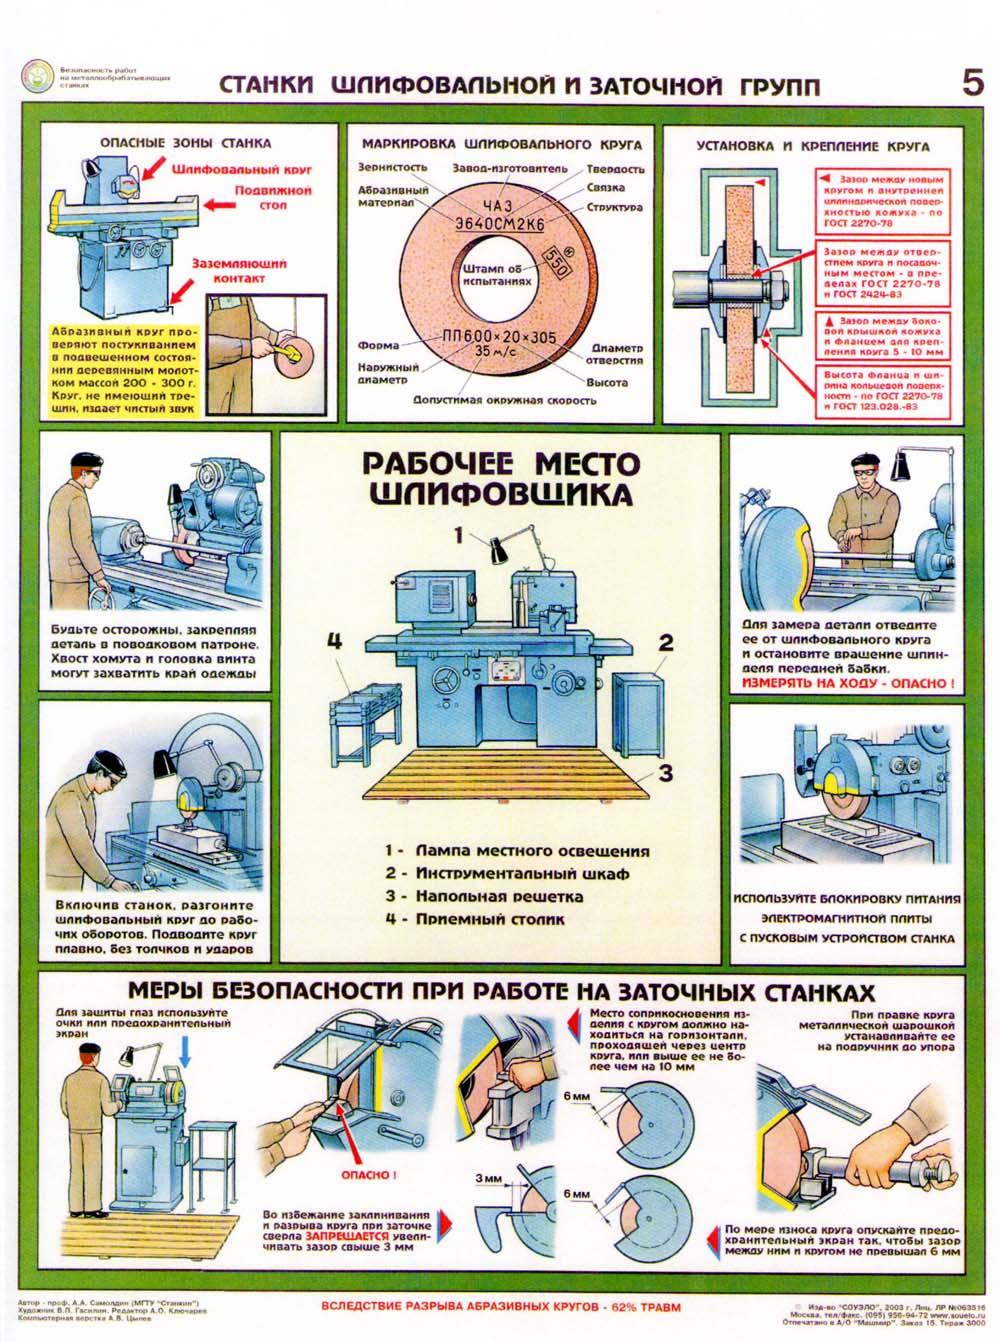 инструкция при работе на фрезерных станках